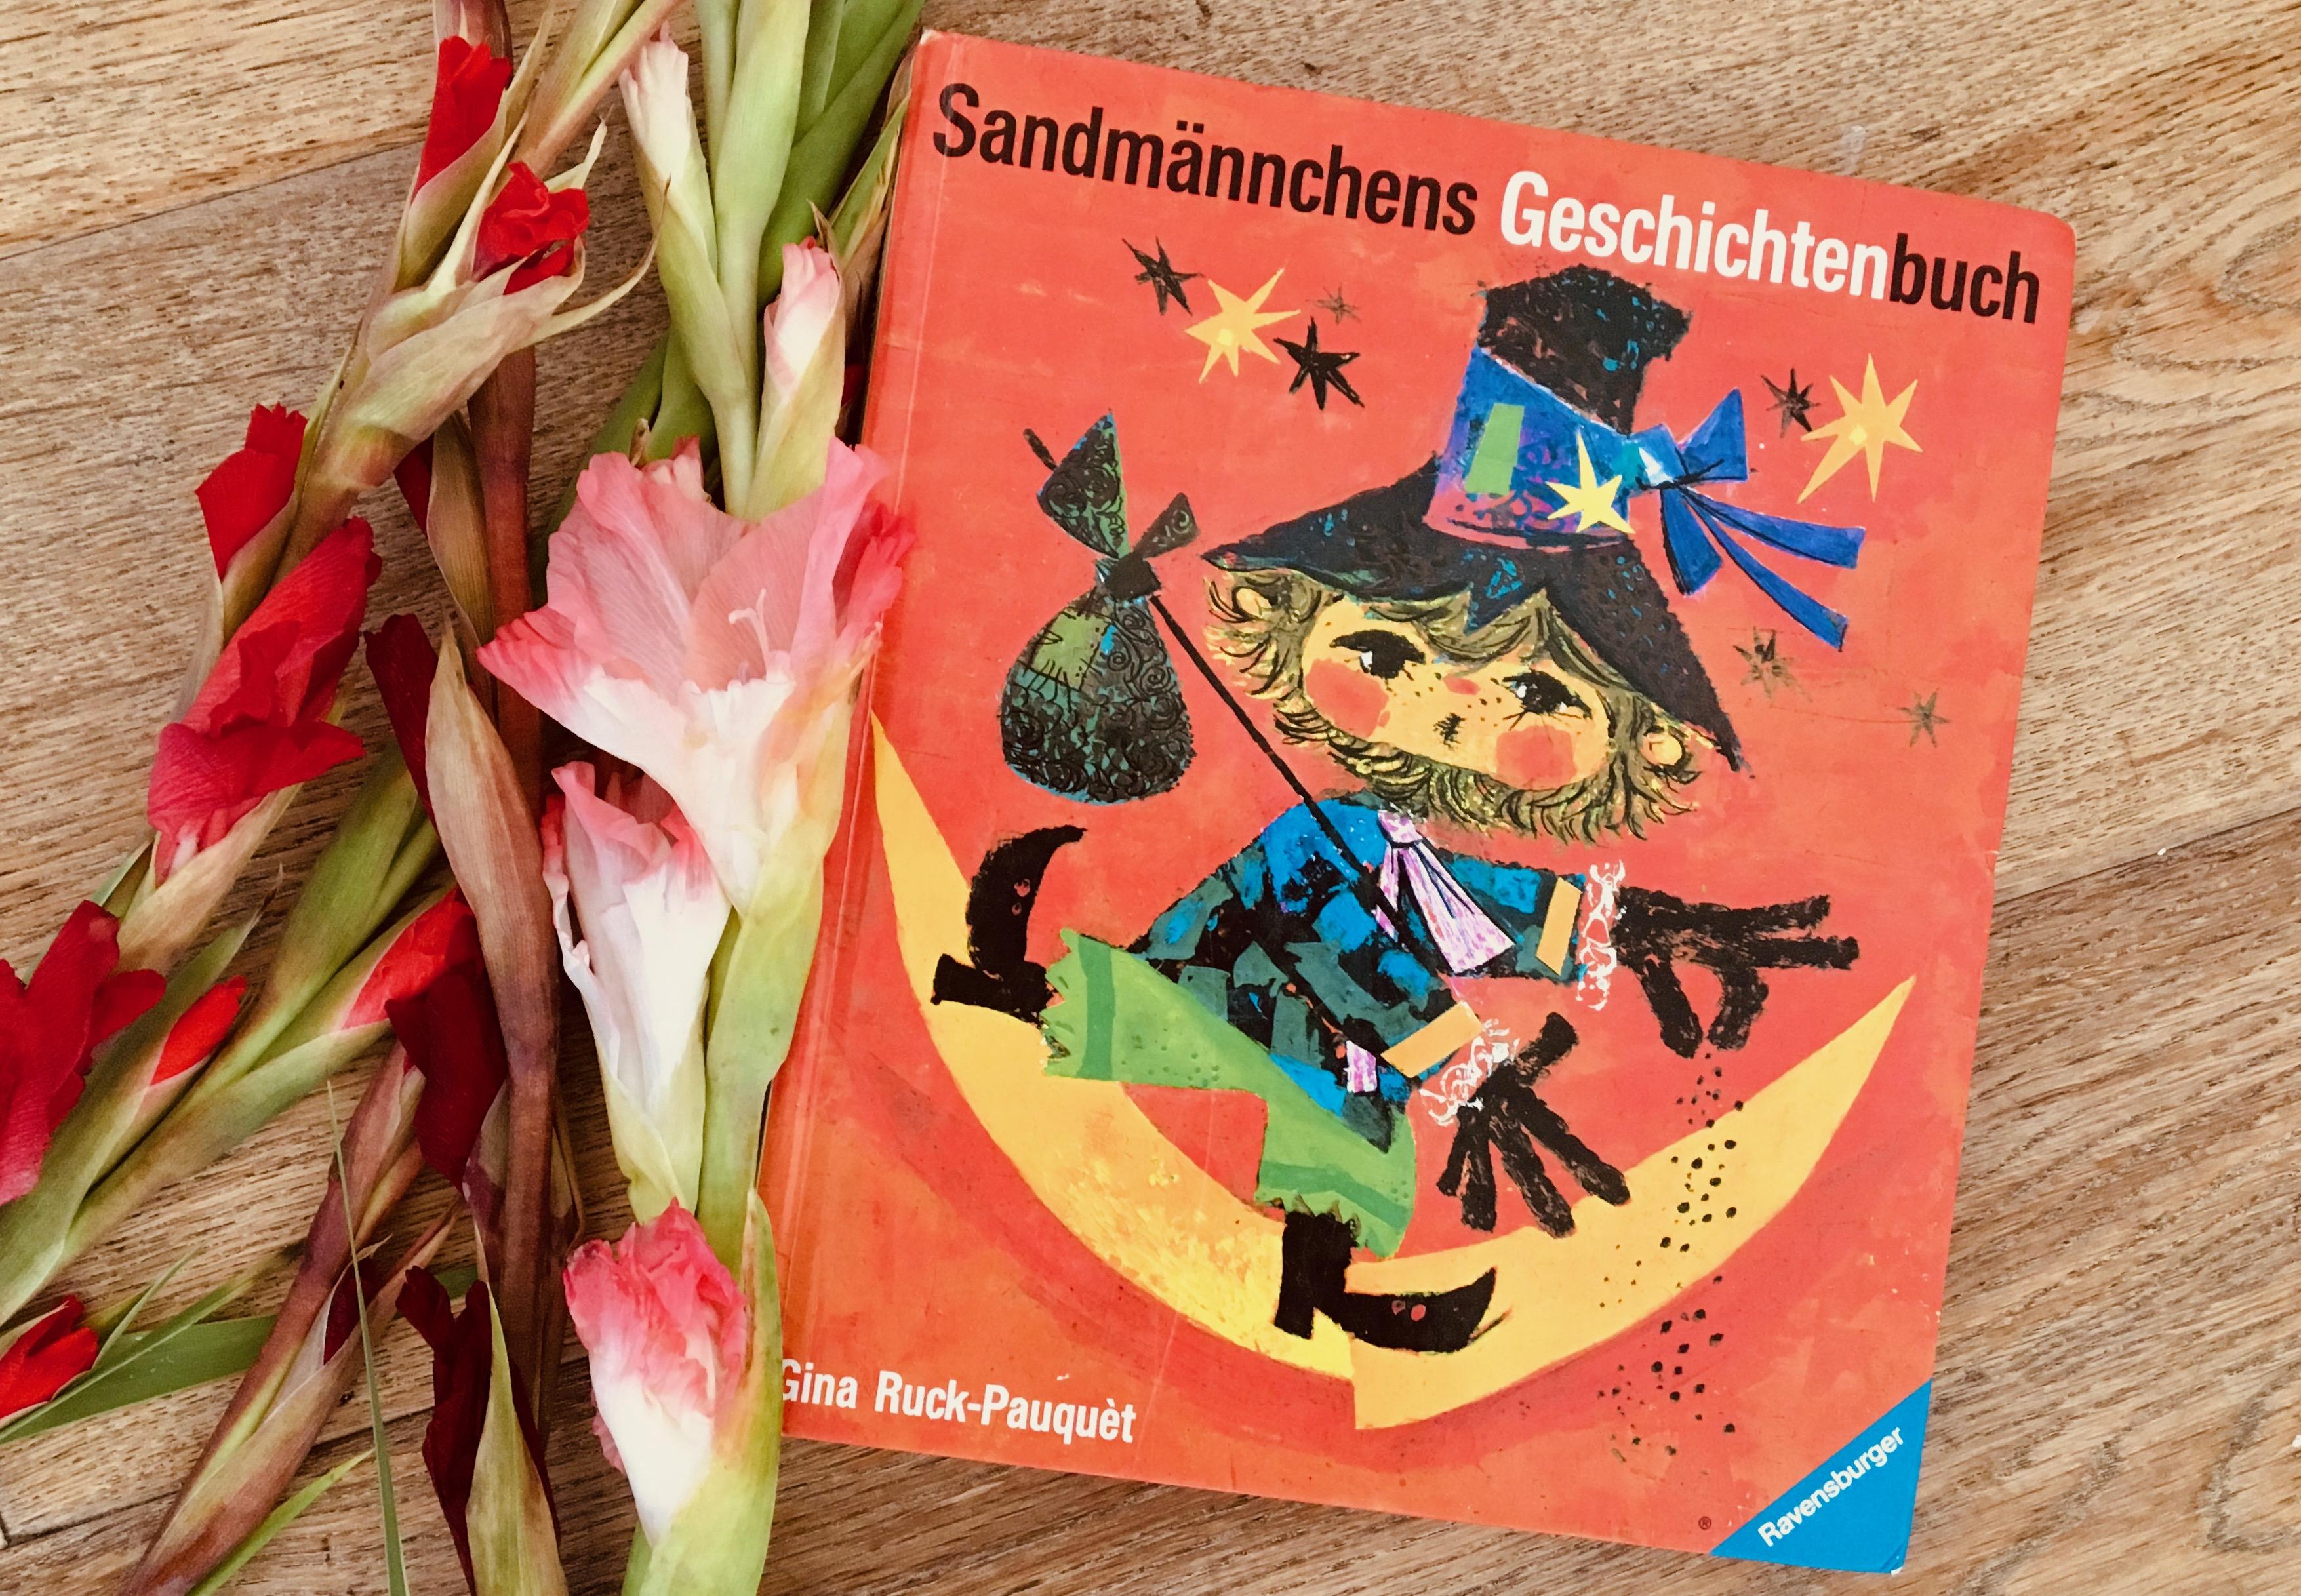 Sandmännchens Geschichtenbuch von Gina Ruck-Pauquét (Text) und Pepperl Ott (Illustration)